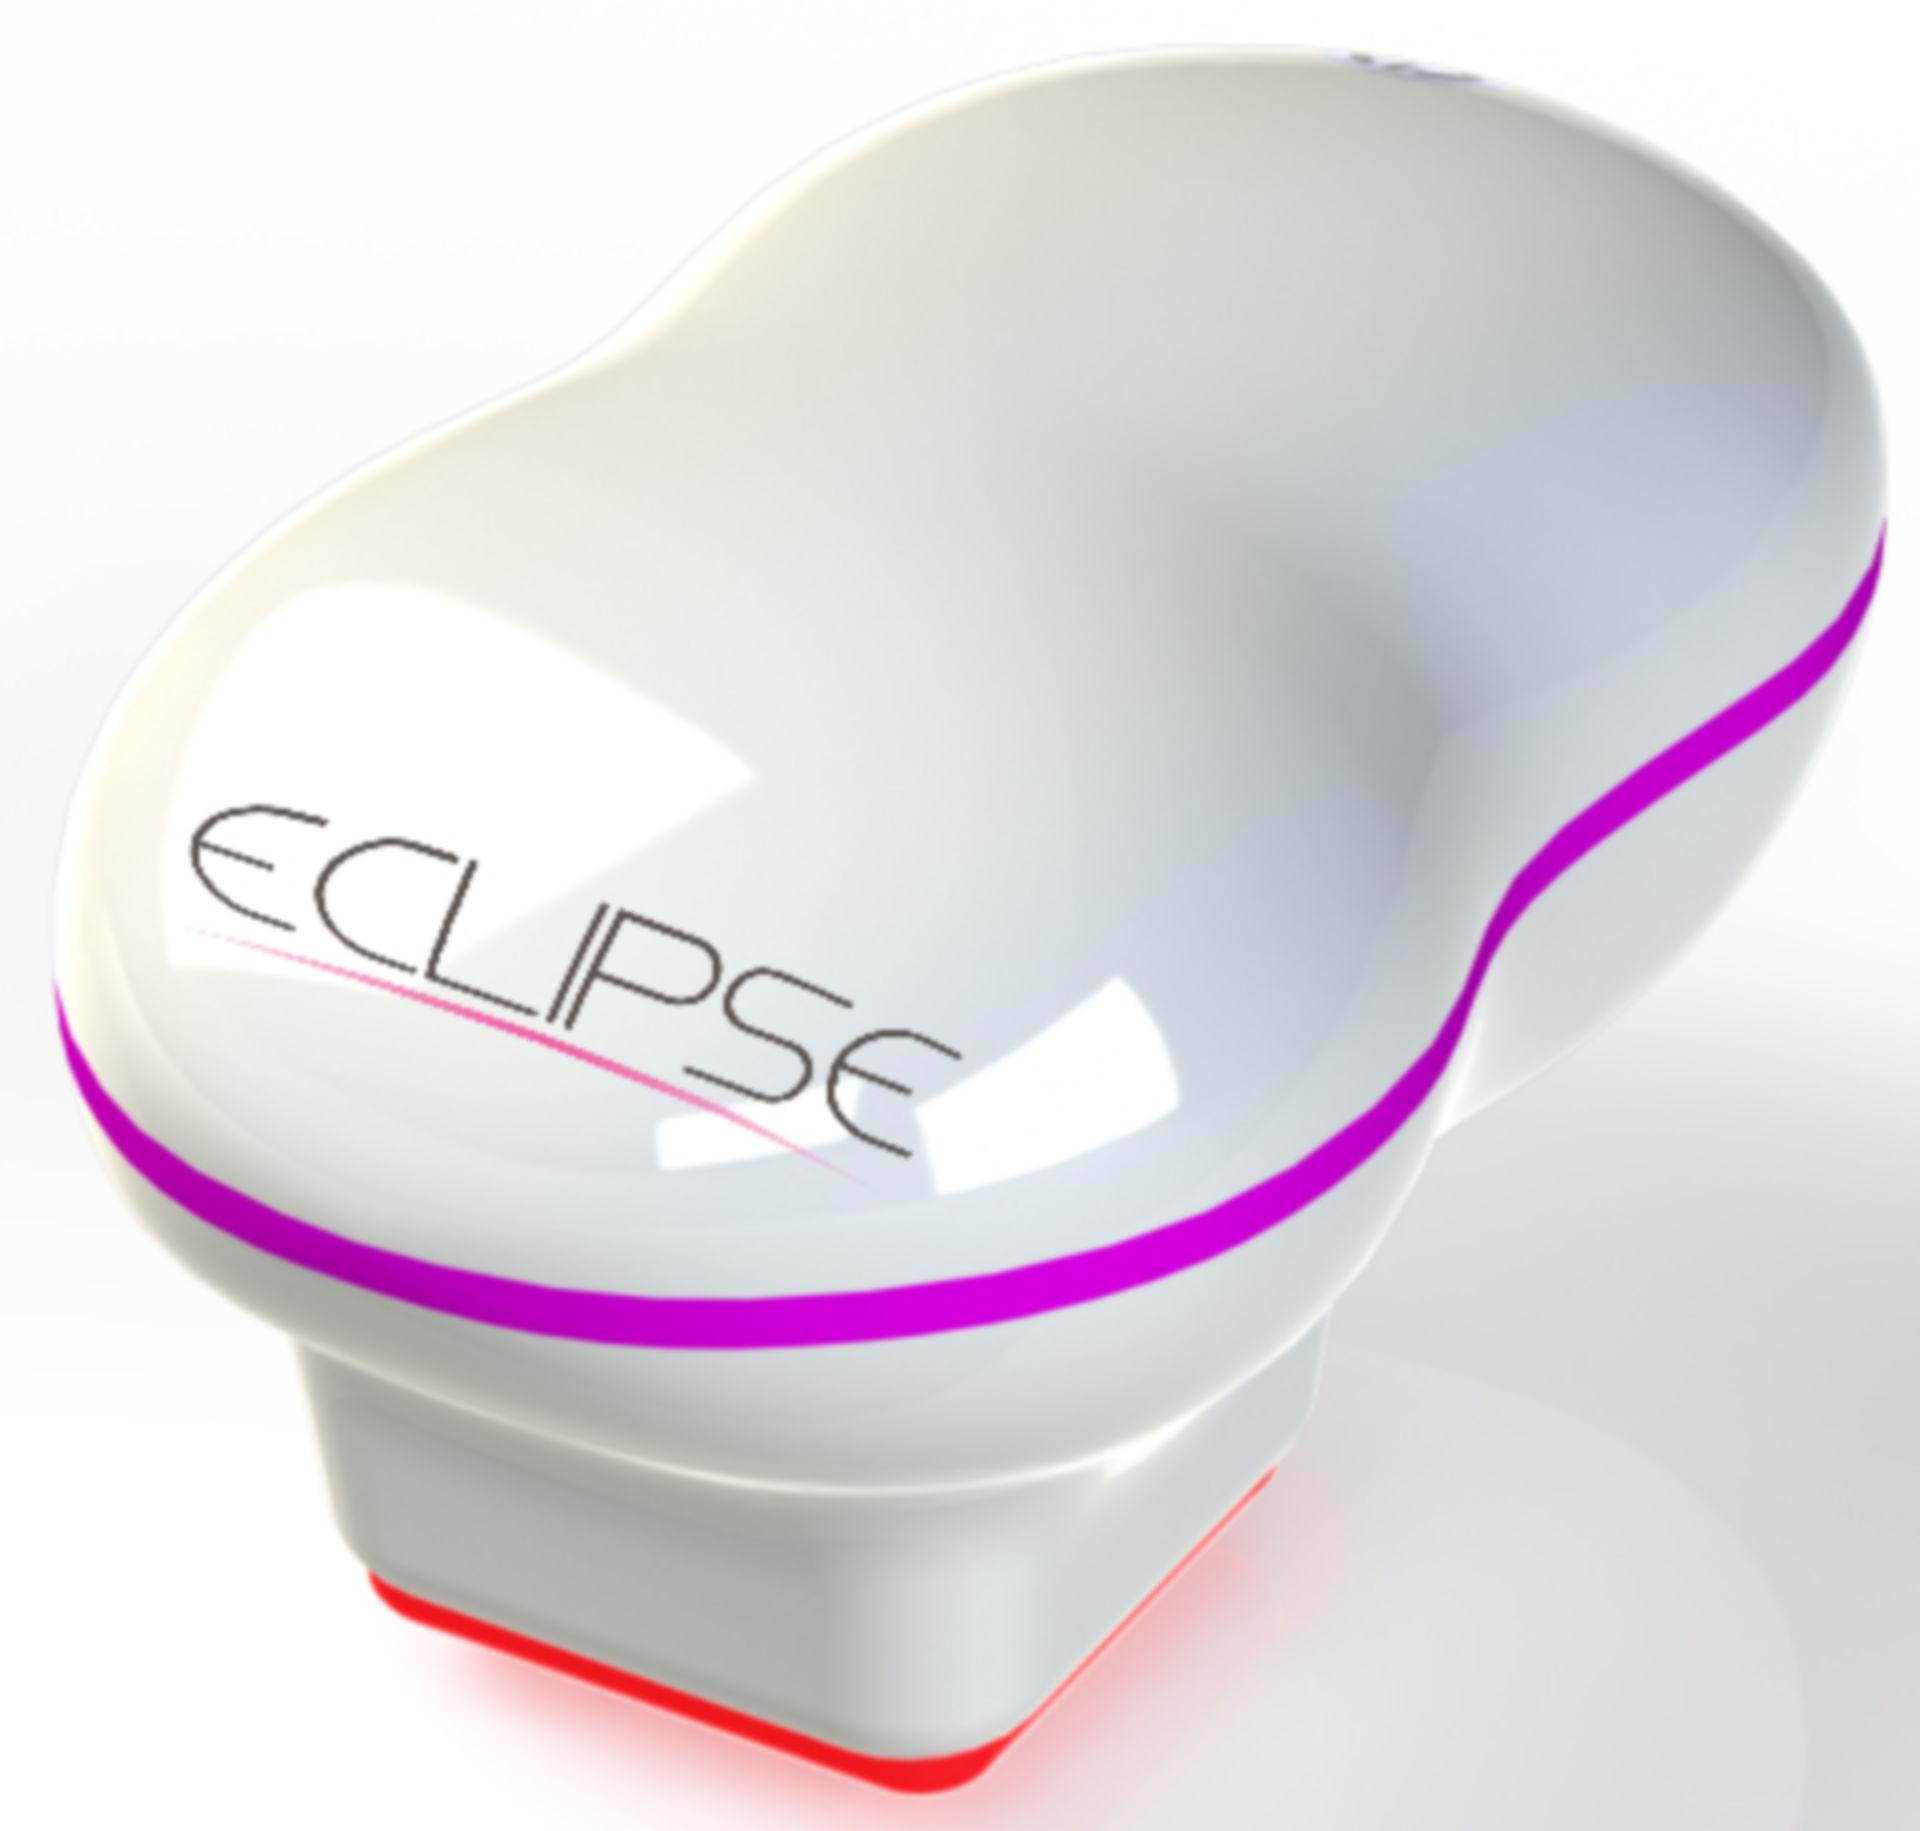 Eclipse Brust-Scanner